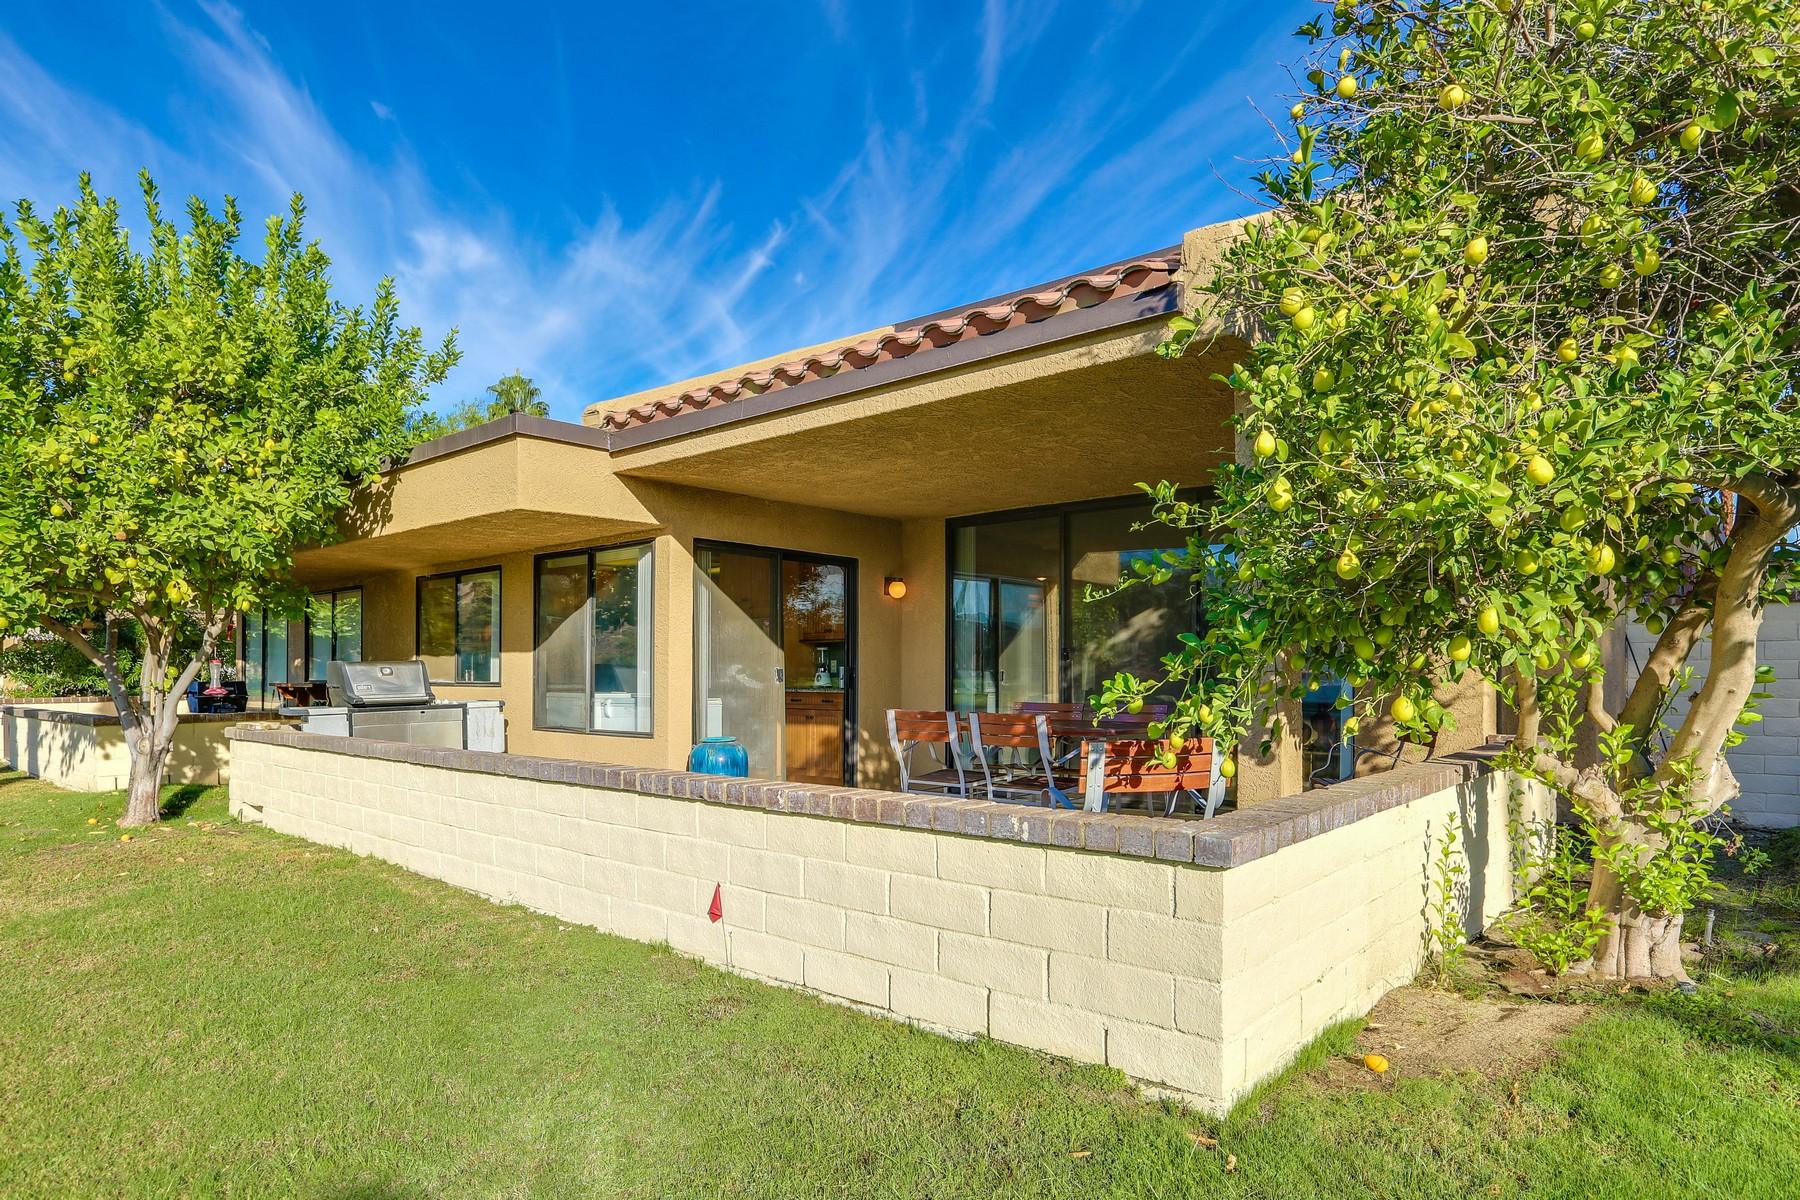 Maison unifamiliale pour l Vente à 7549 Regency Drive Palm Springs, Californie, 92264 États-Unis